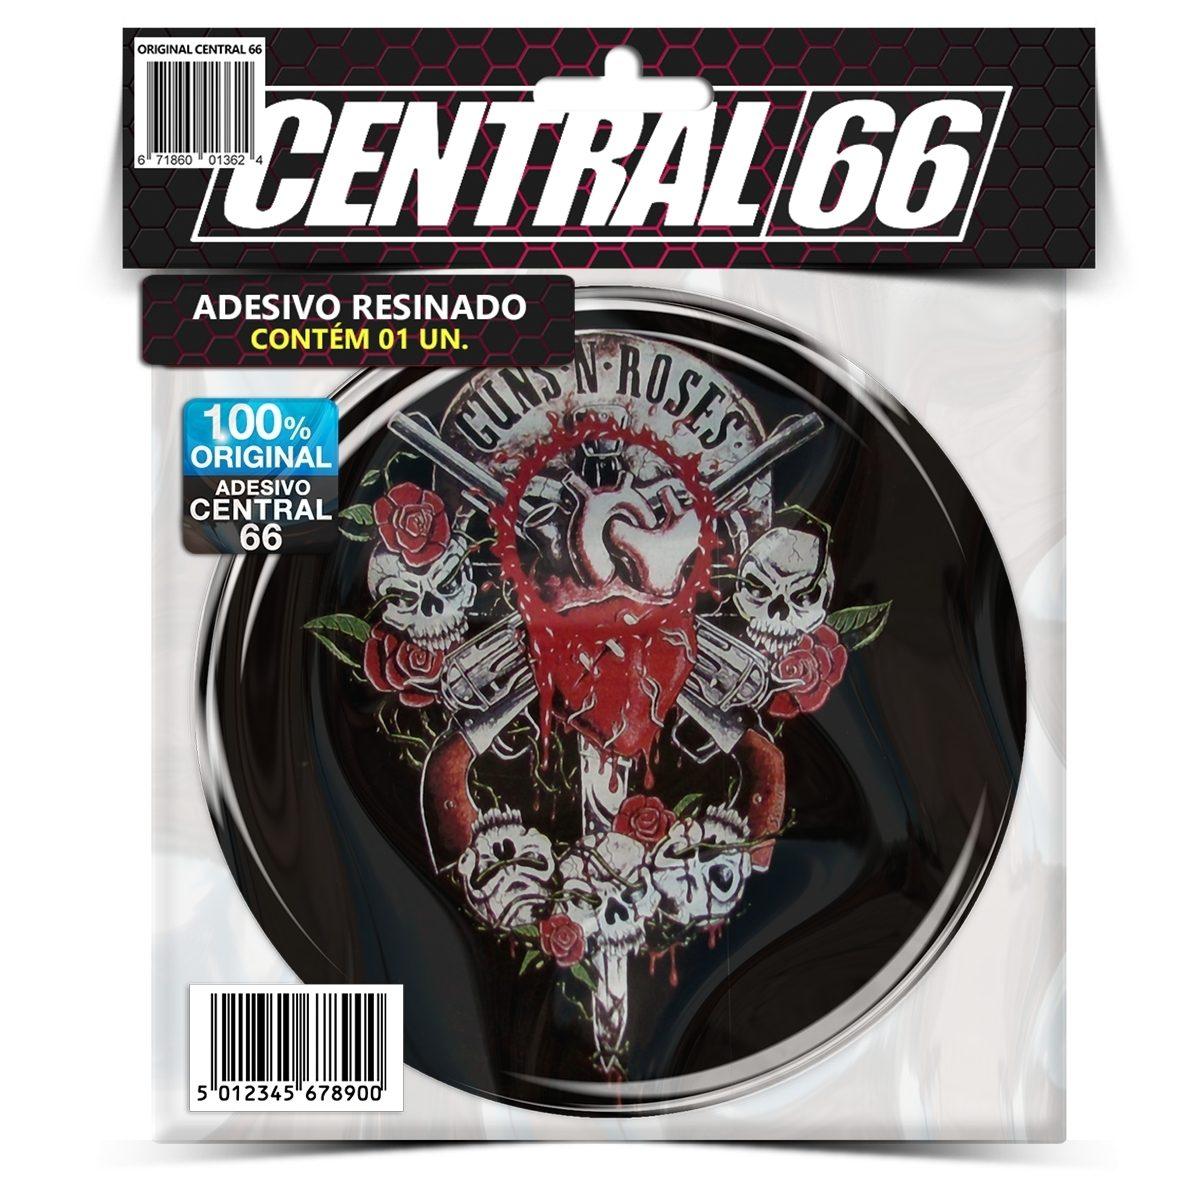 Adesivo Redondo Guns 'N Roses M02 – Central 66